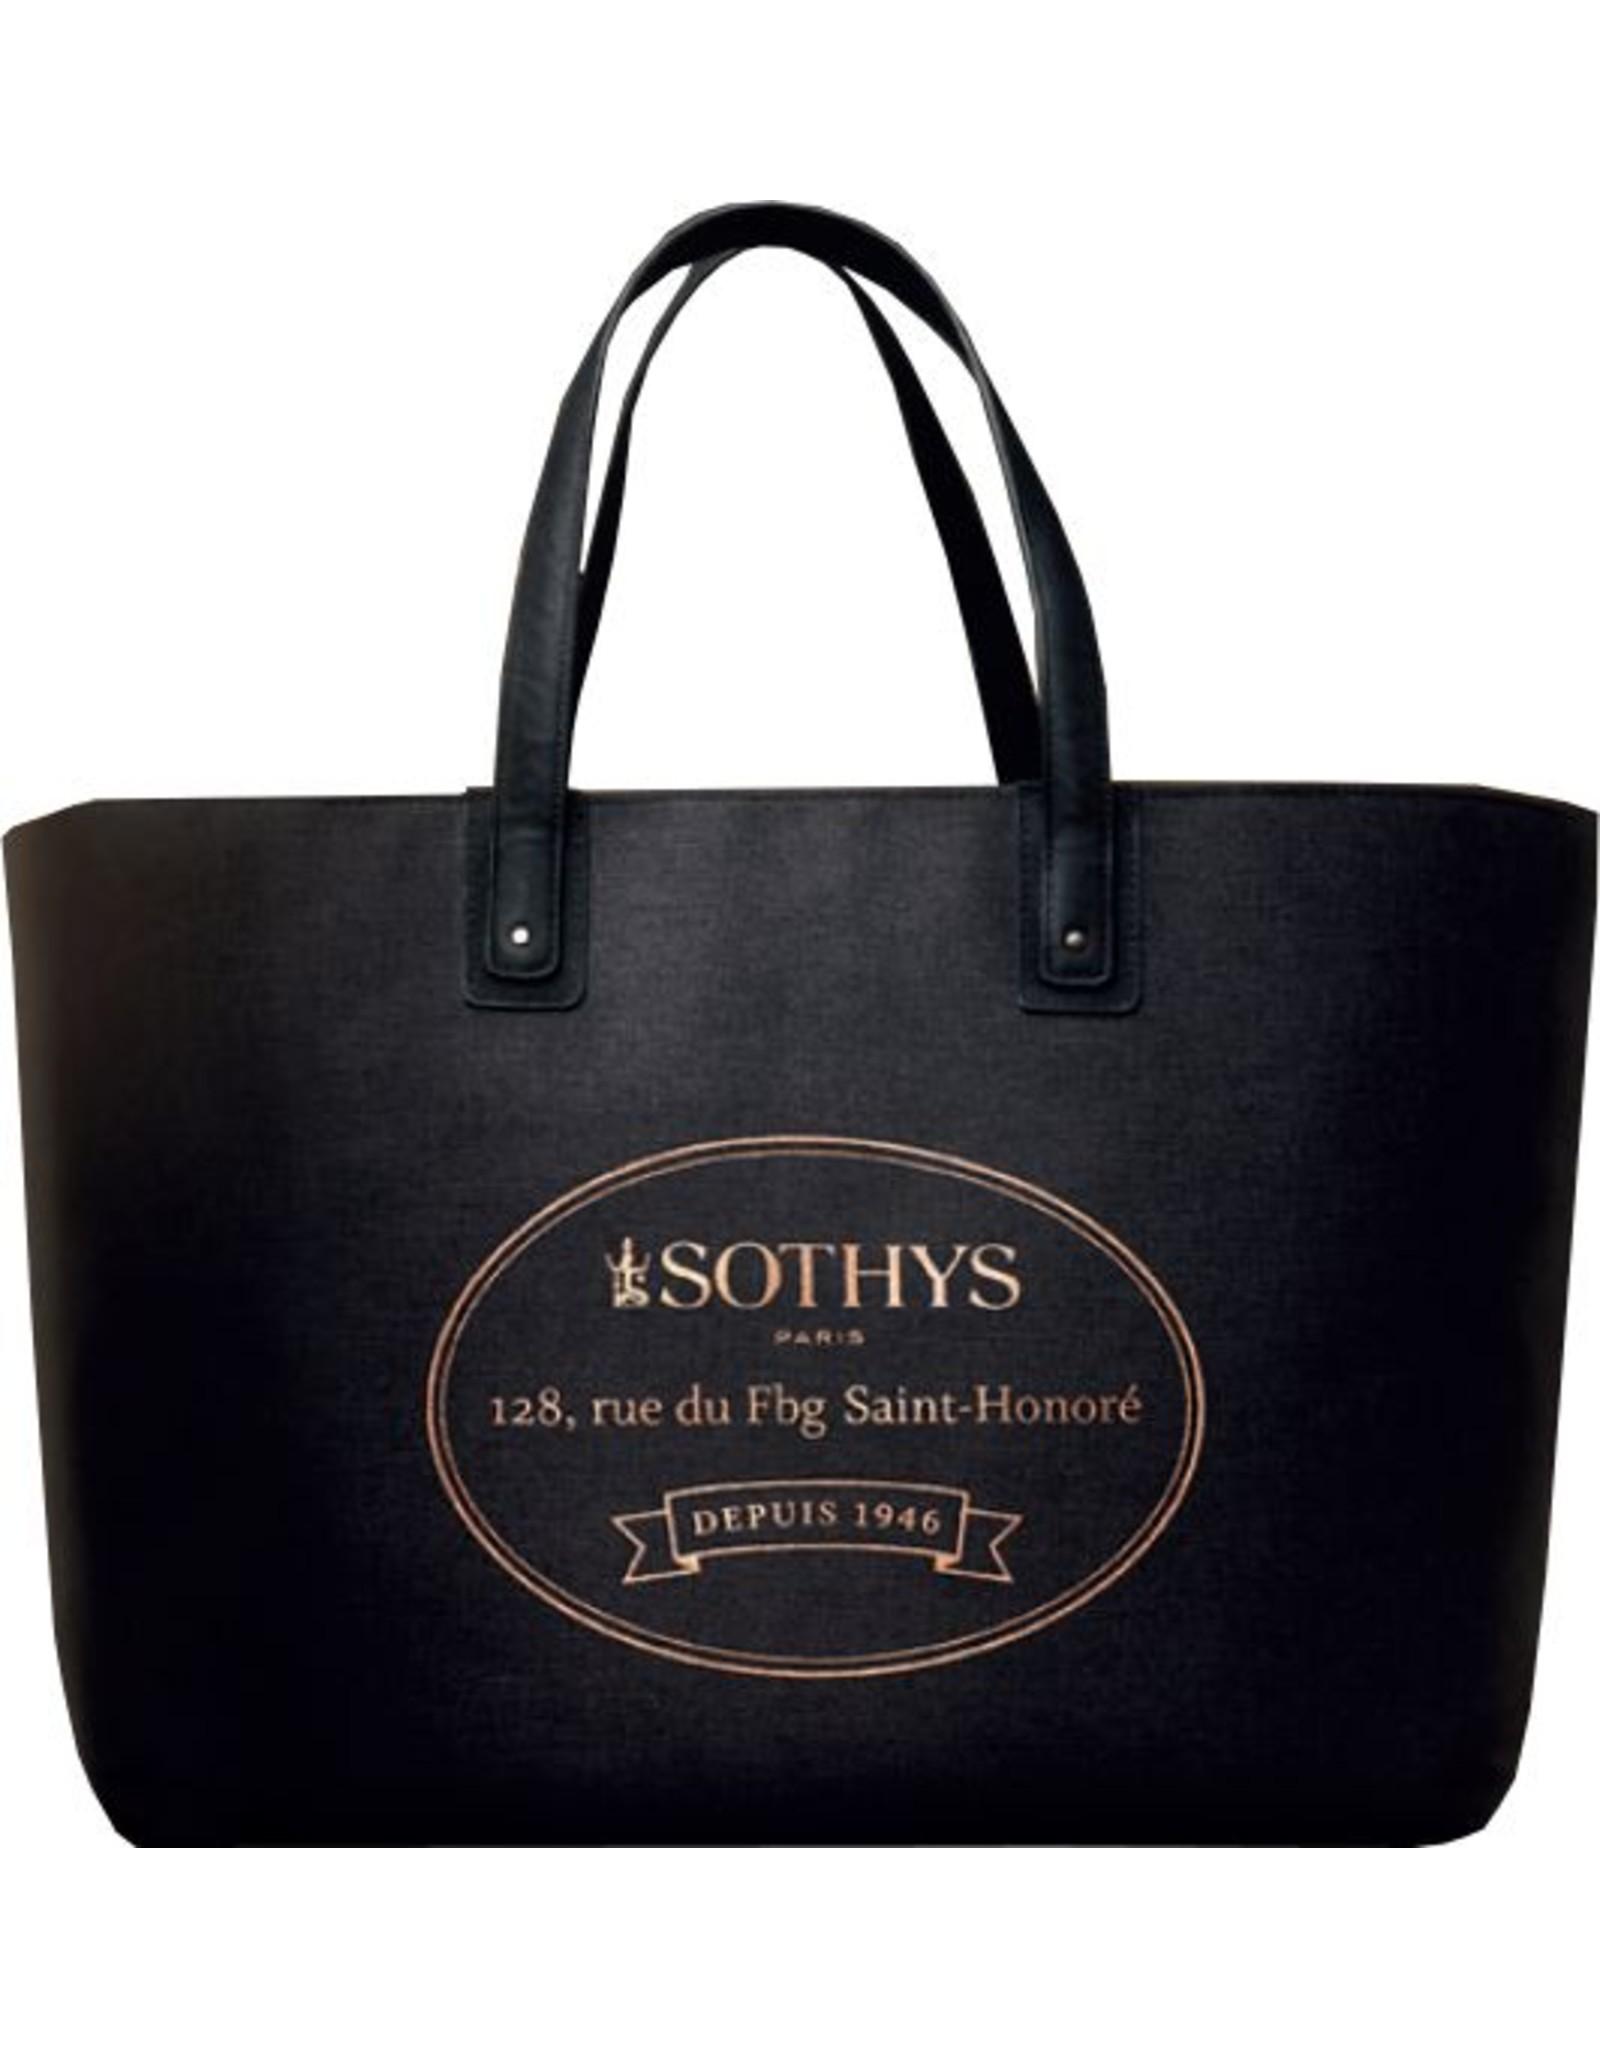 SOTHYS Sothys Tasche - 70 Jahre Sothys